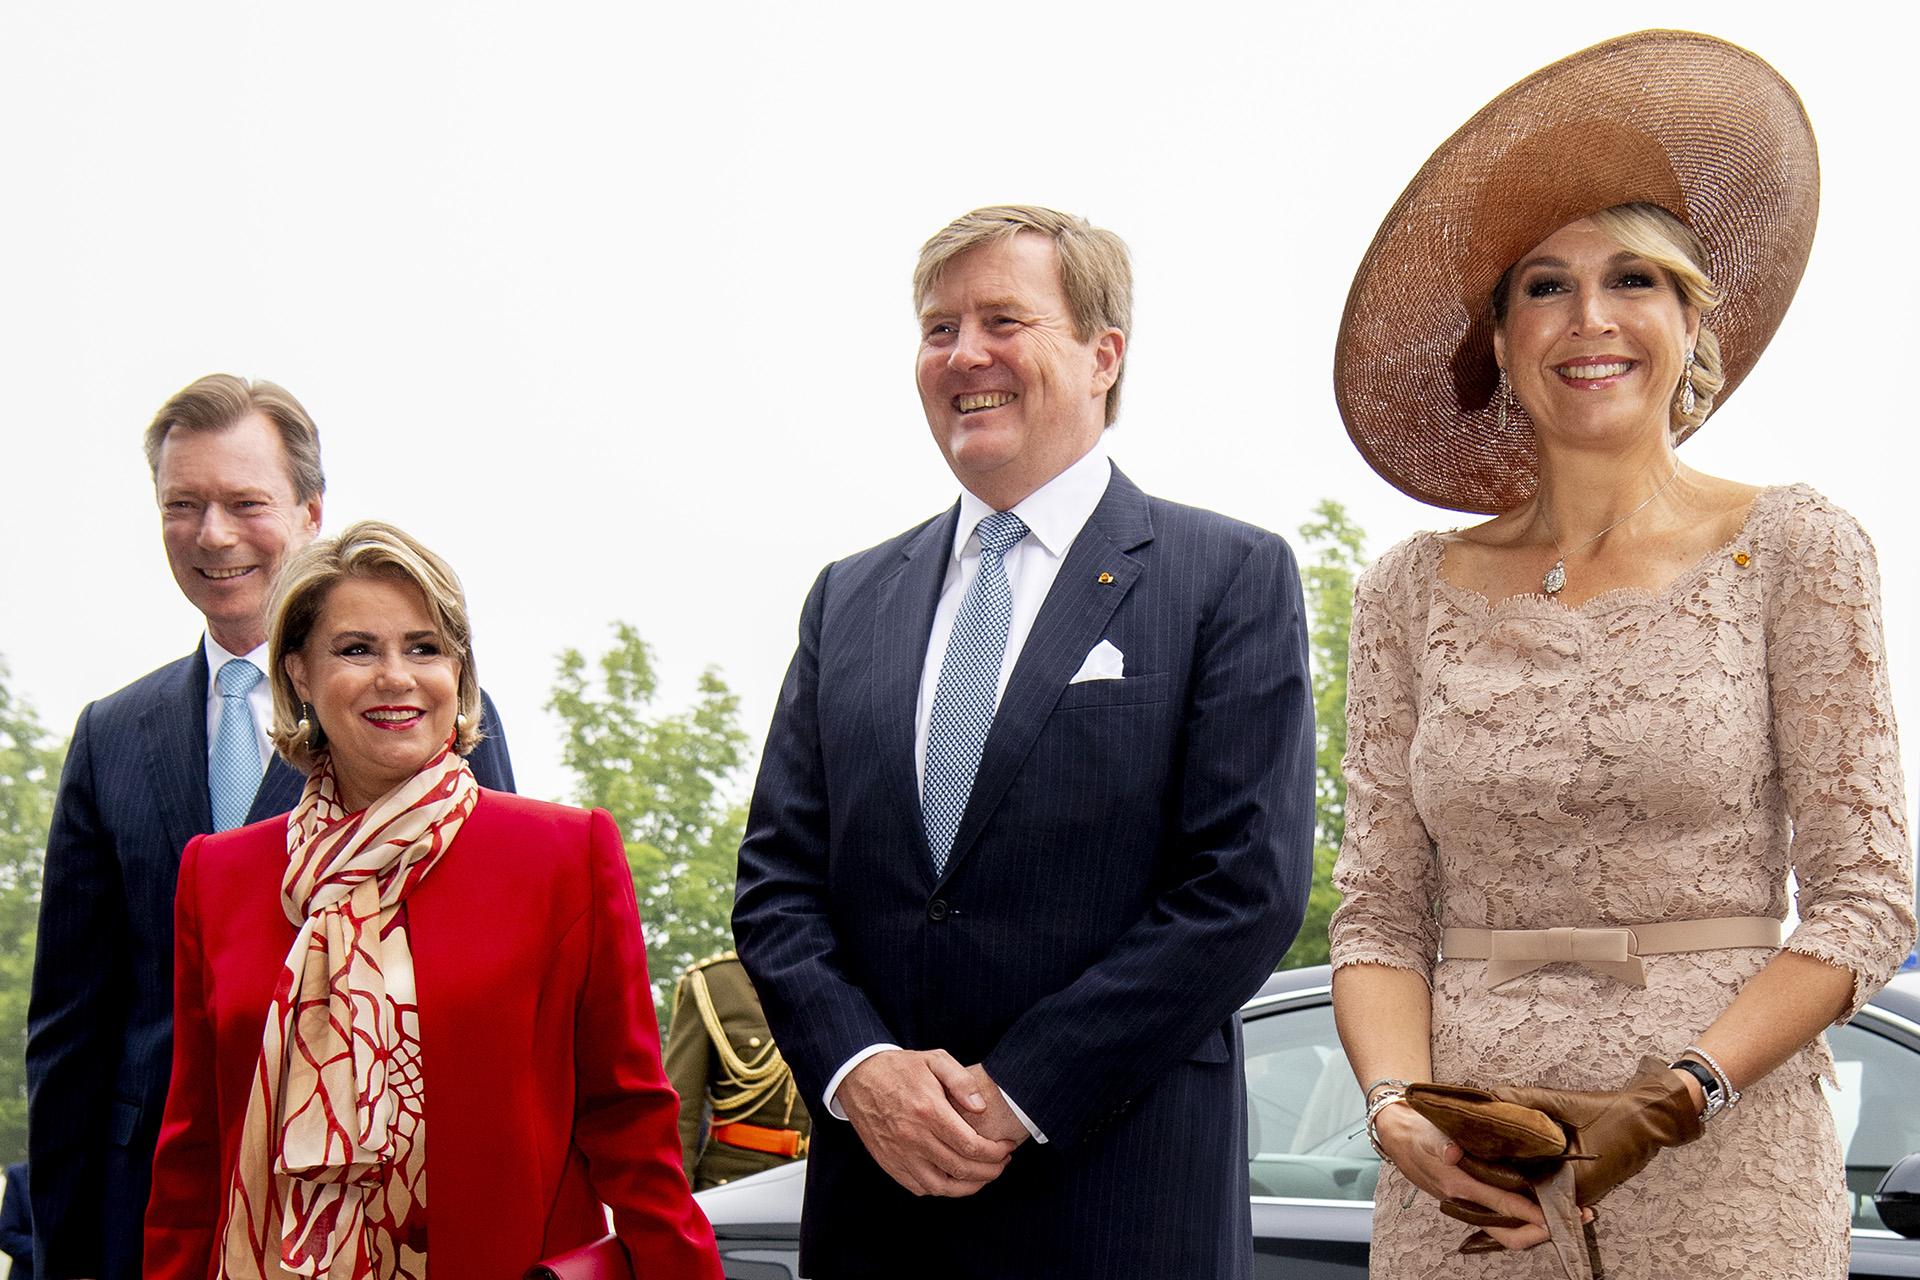 Com la sonrisa a flor de piel, Máxima cautivó a todos en su gira de tres días por Luxemburgo /// Fotos: Reuters-AFP